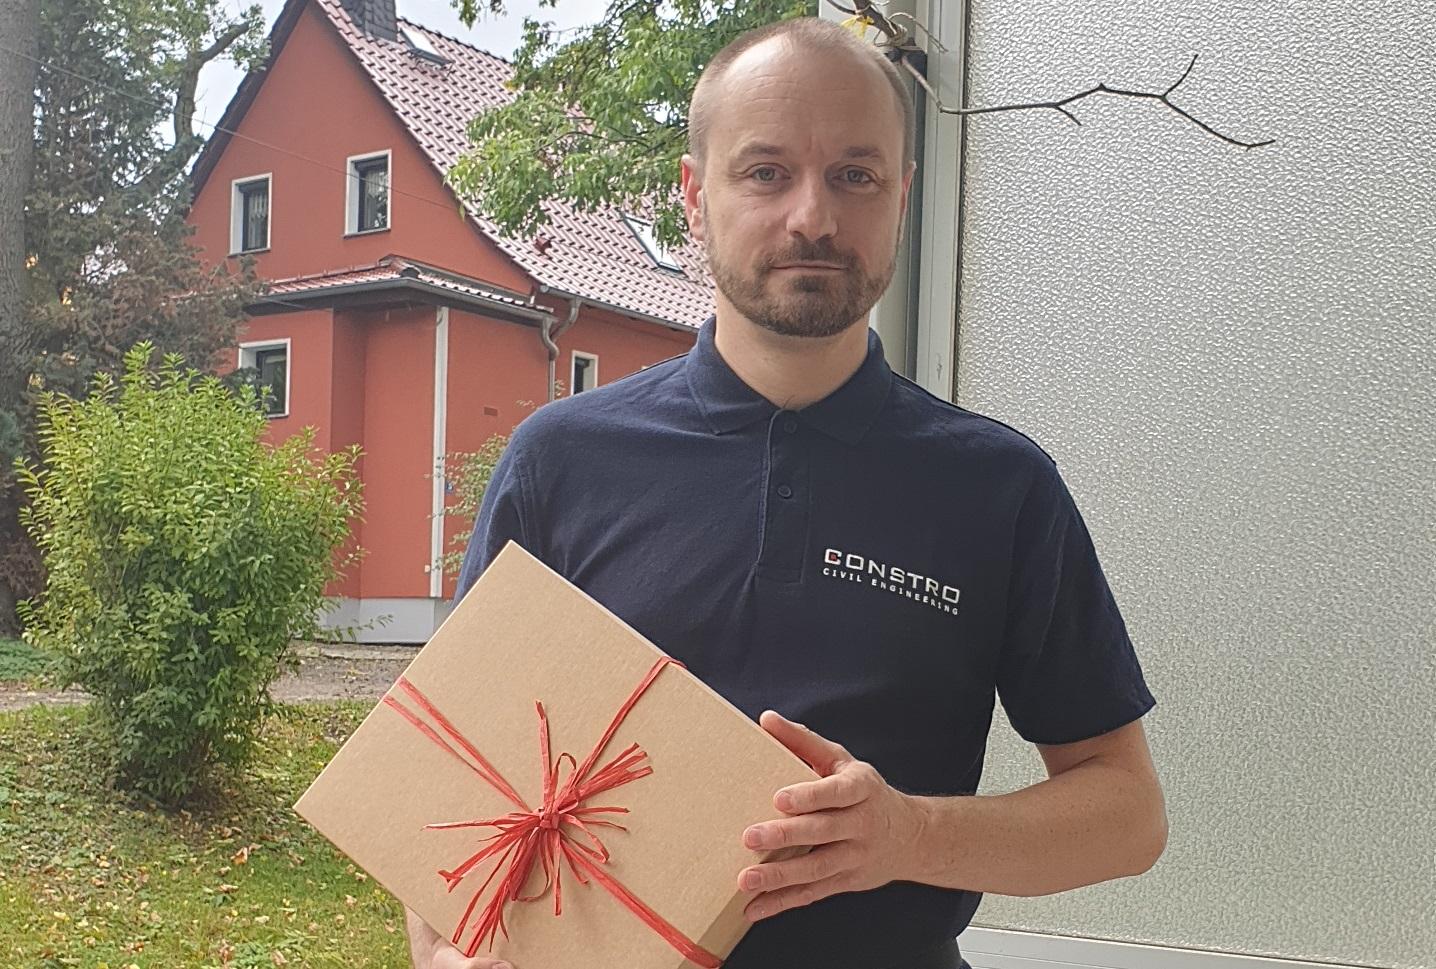 Steffen sėkmės istorija. Nuo darbų vykdytojo iki Elektros skyriaus vadovo Vokietijoje